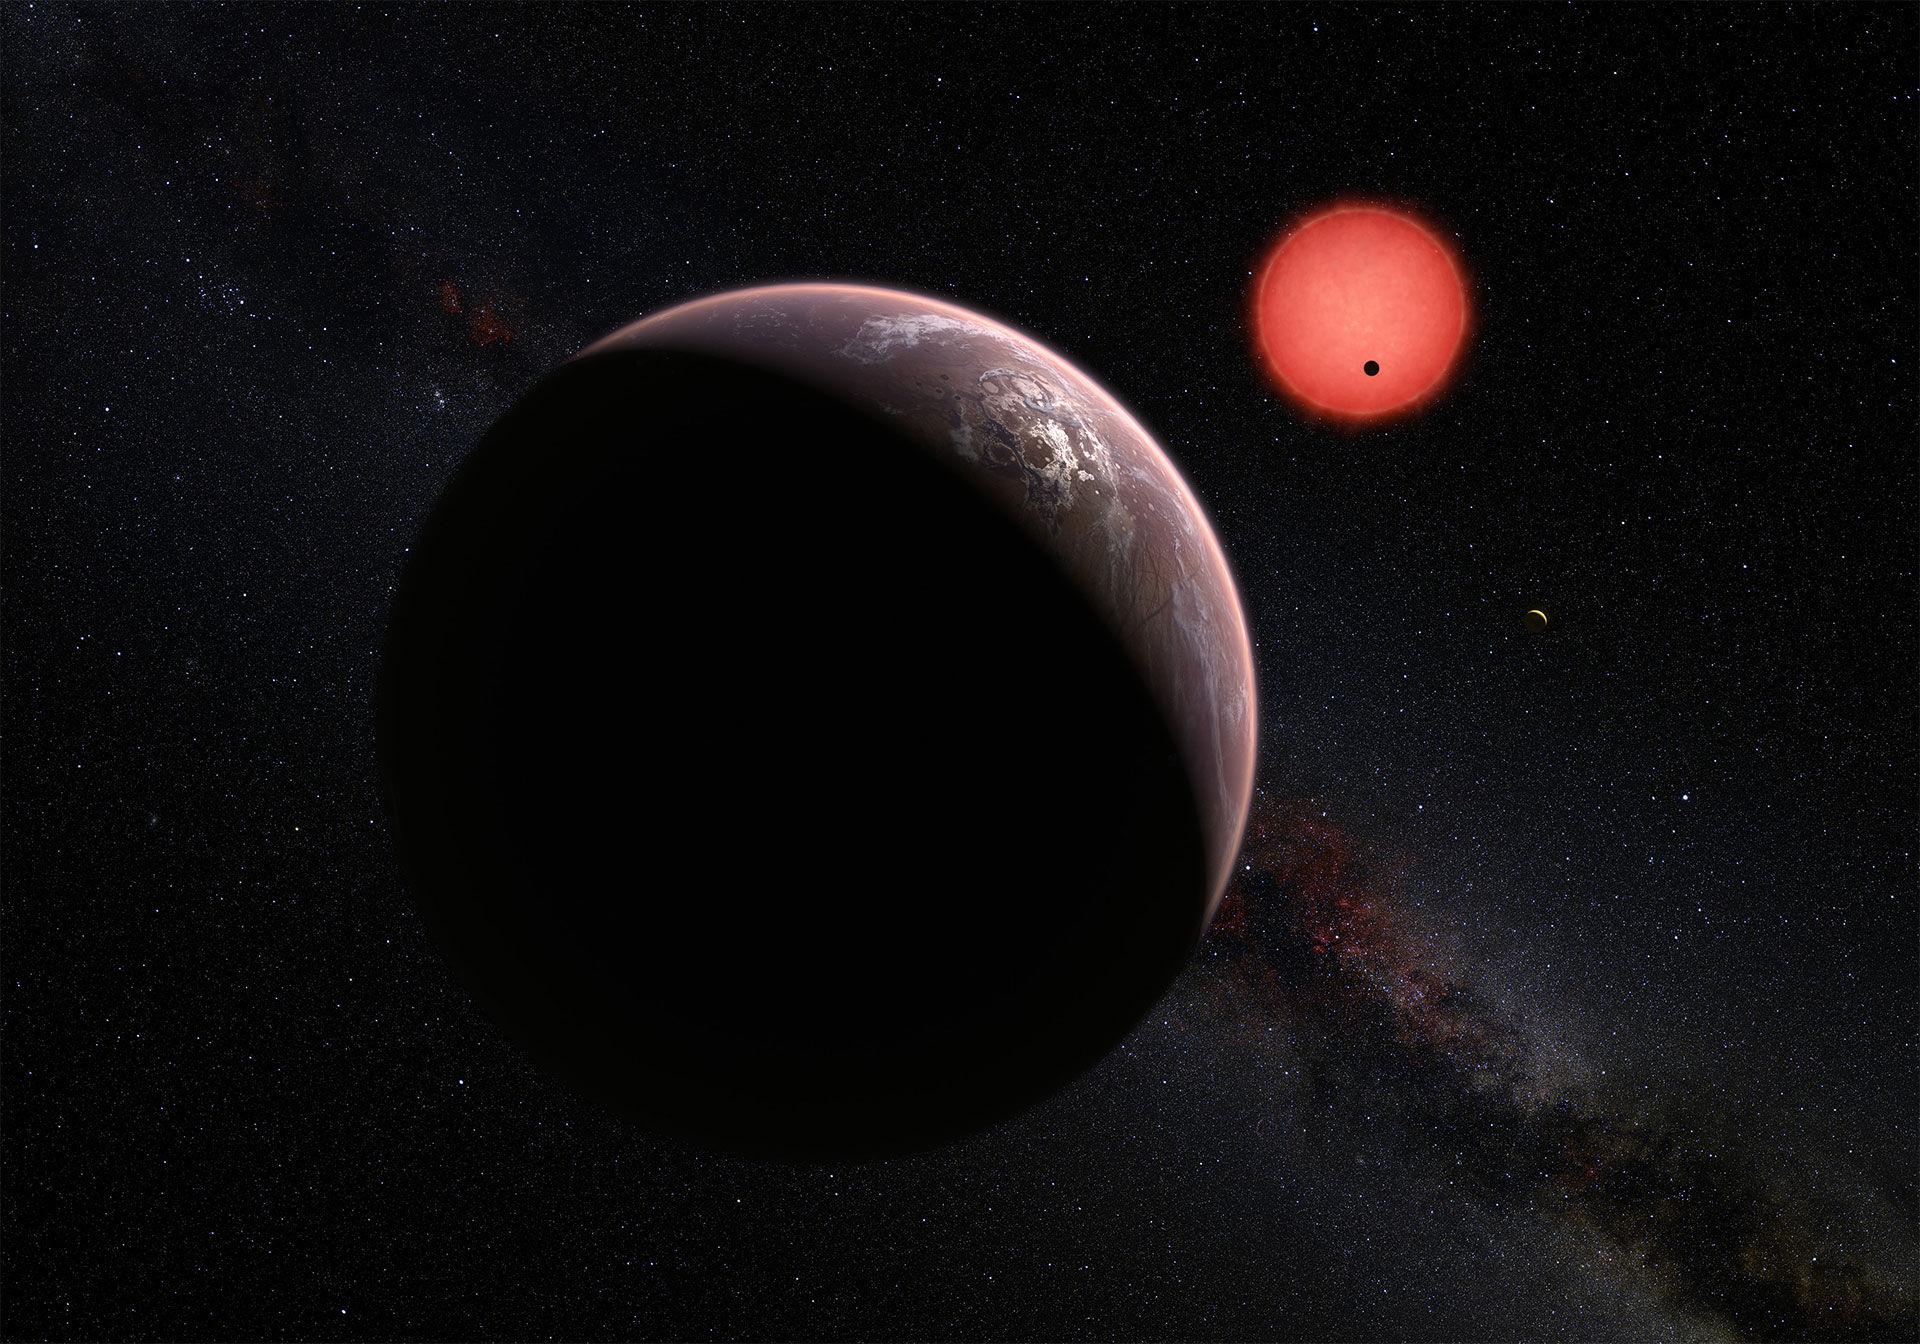 Astronomer hittar tre planeter som eventuellt kan vara beboeliga